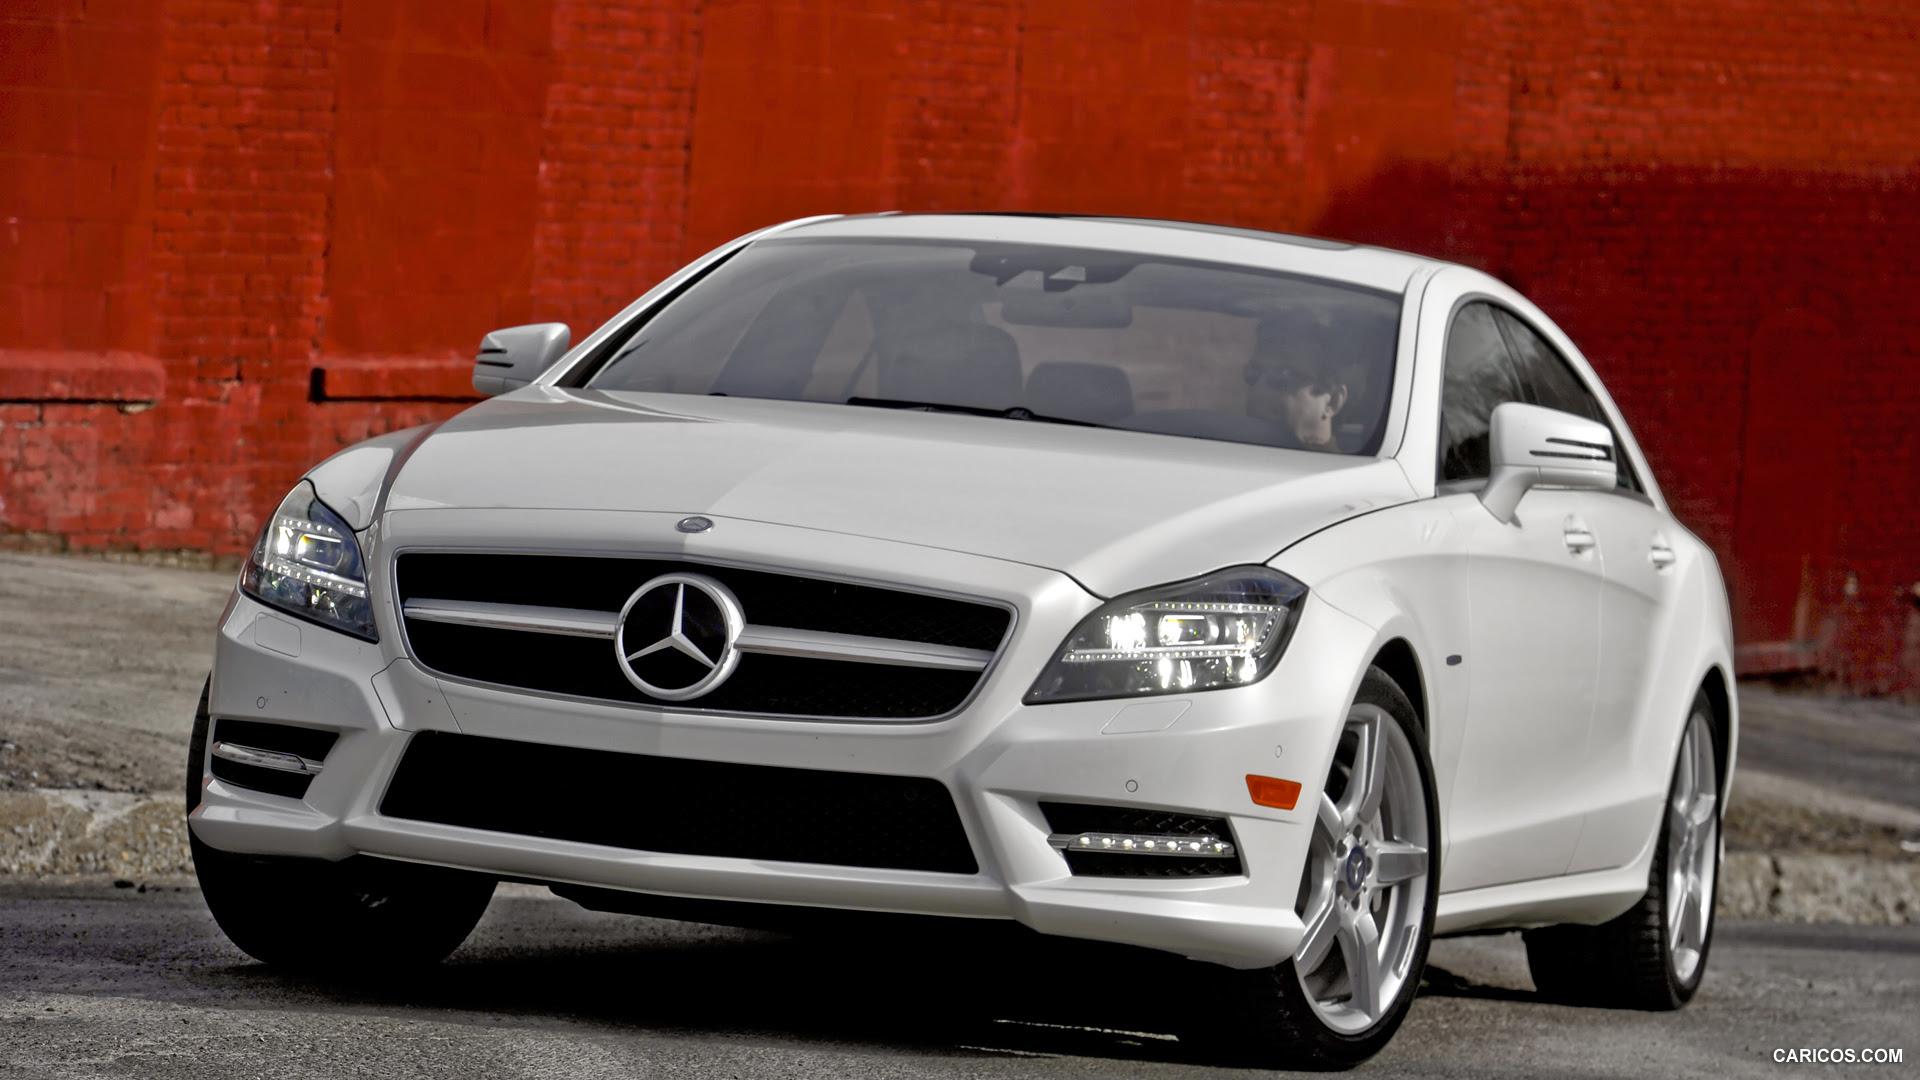 2012 Mercedes-Benz CLS550   Caricos.com